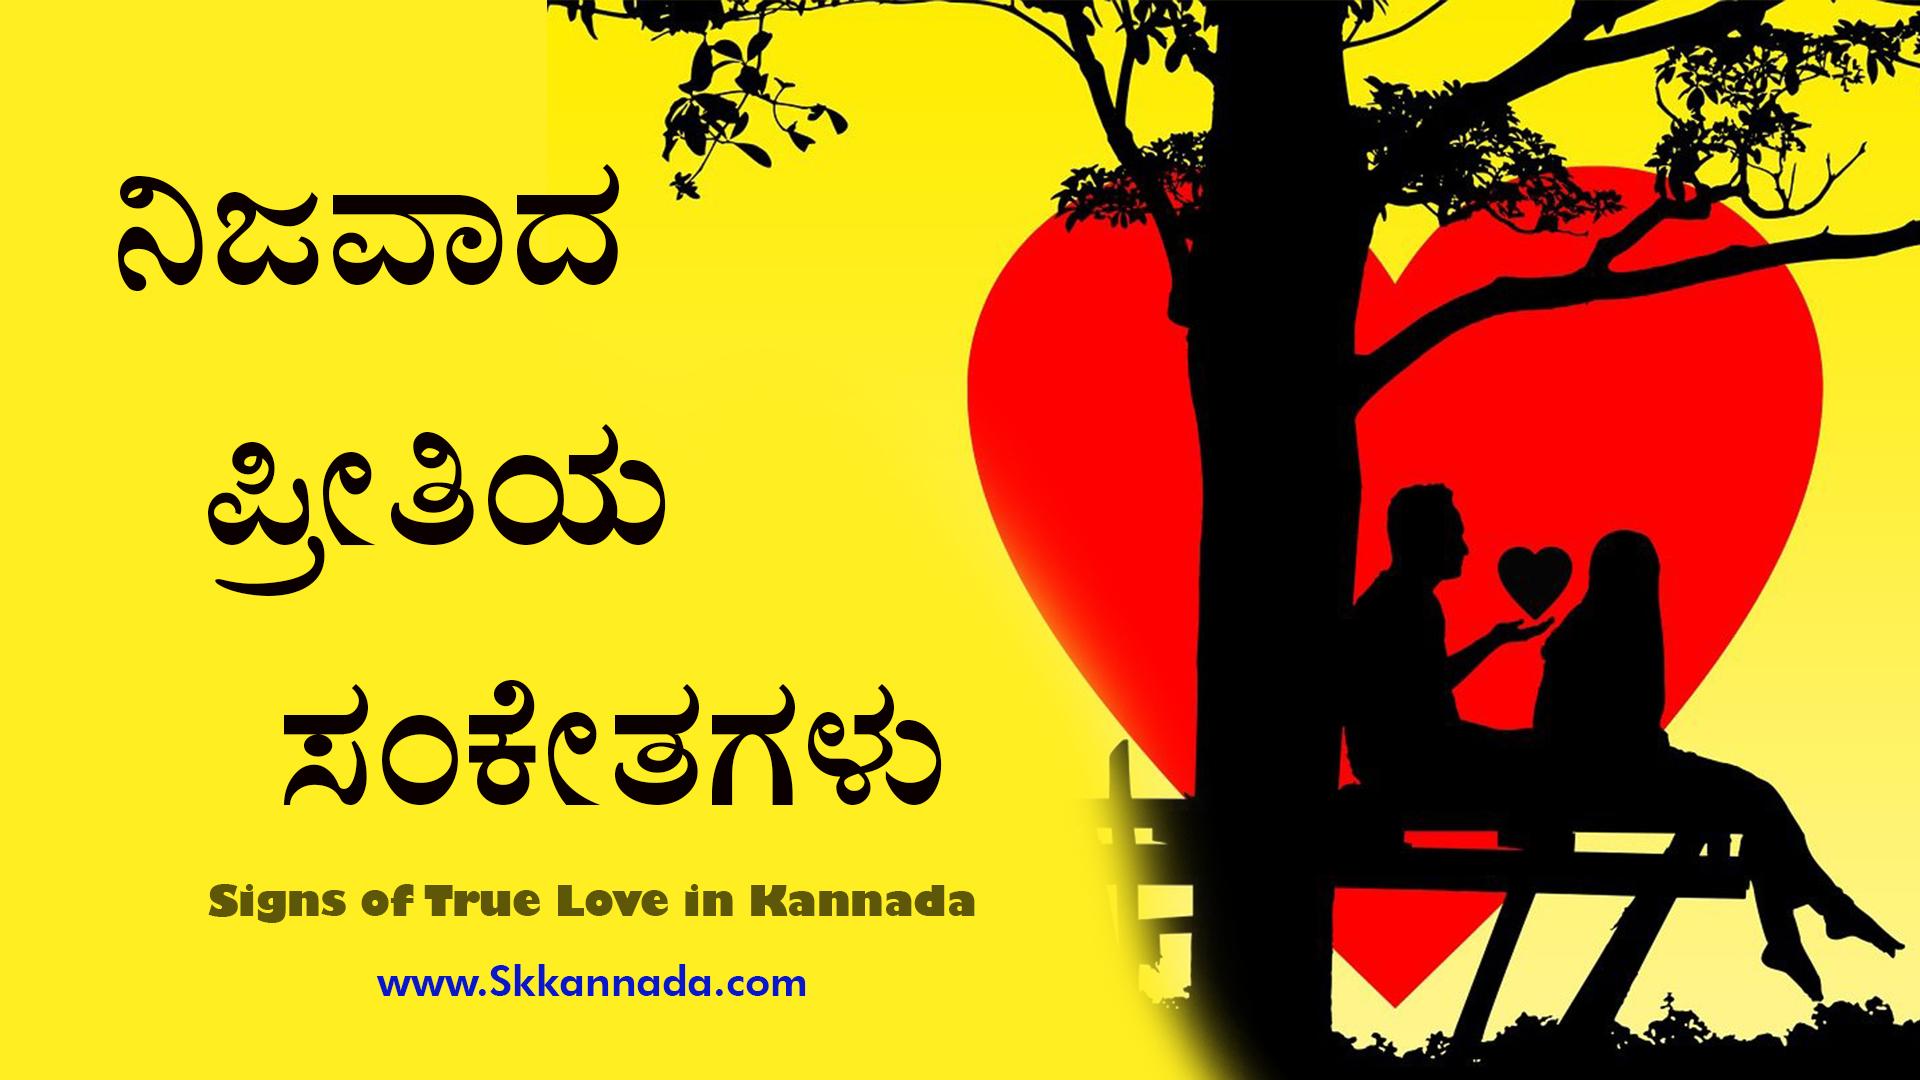 ನಿಜವಾದ ಪ್ರೀತಿಯ ಸಂಕೇತಗಳು : Signs of True Love in Kannada